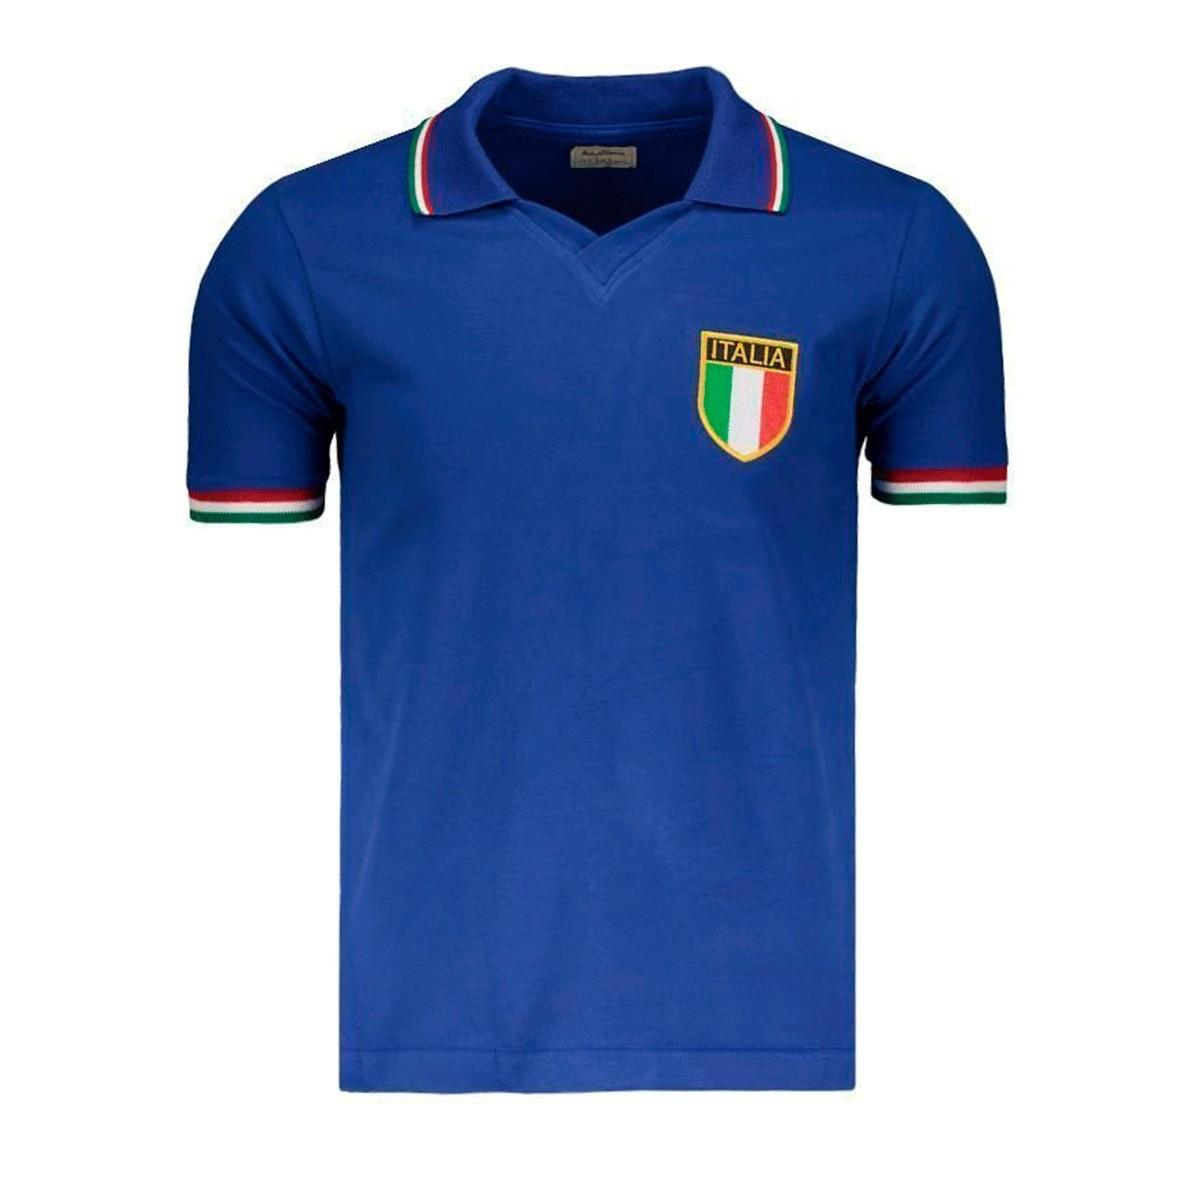 Camisa Itália 1982 Retrô